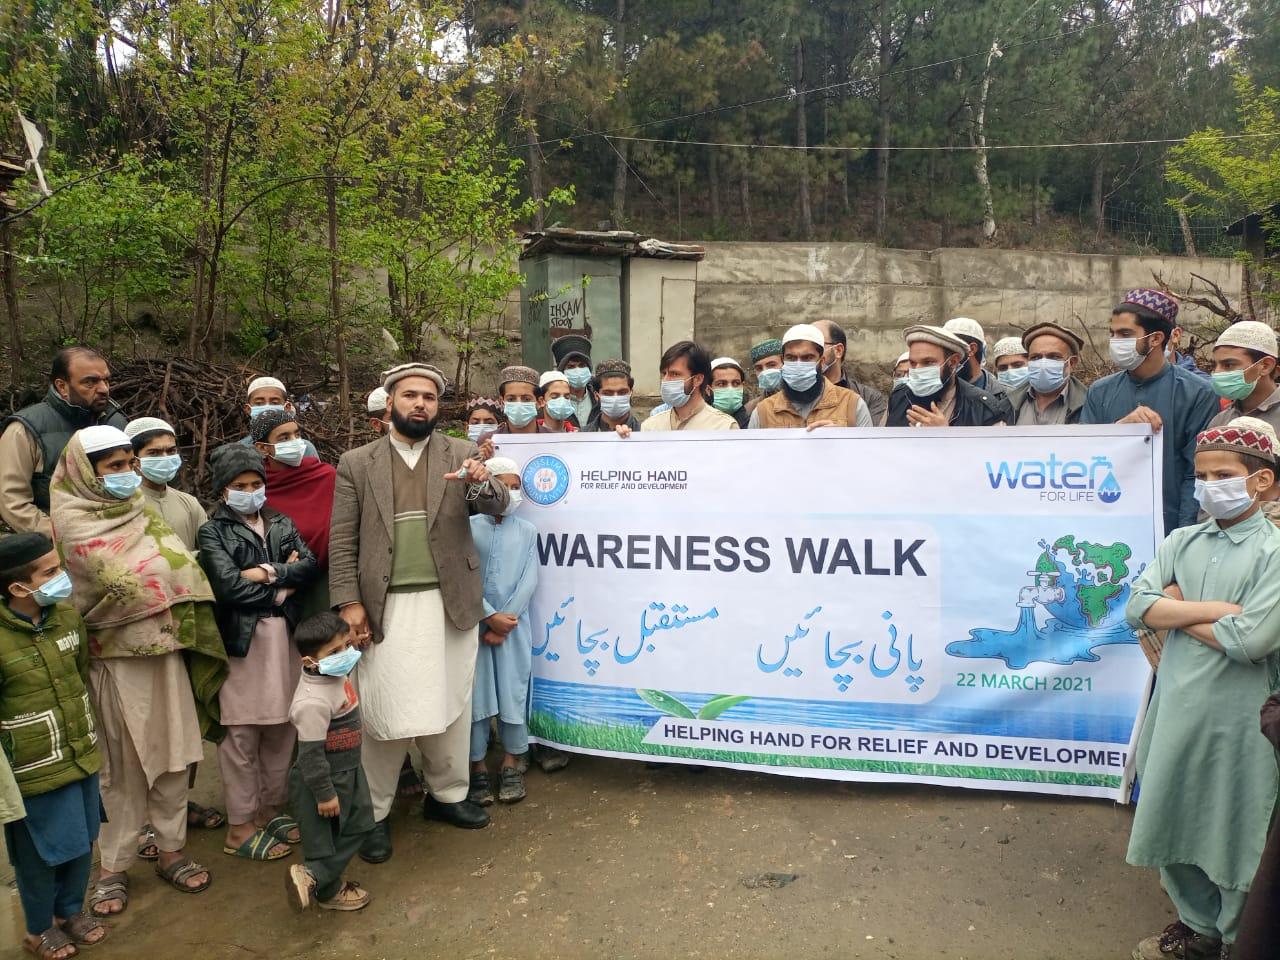 سوات، ورلڈ واٹر ڈے کے حوالے واک کا انعقاد